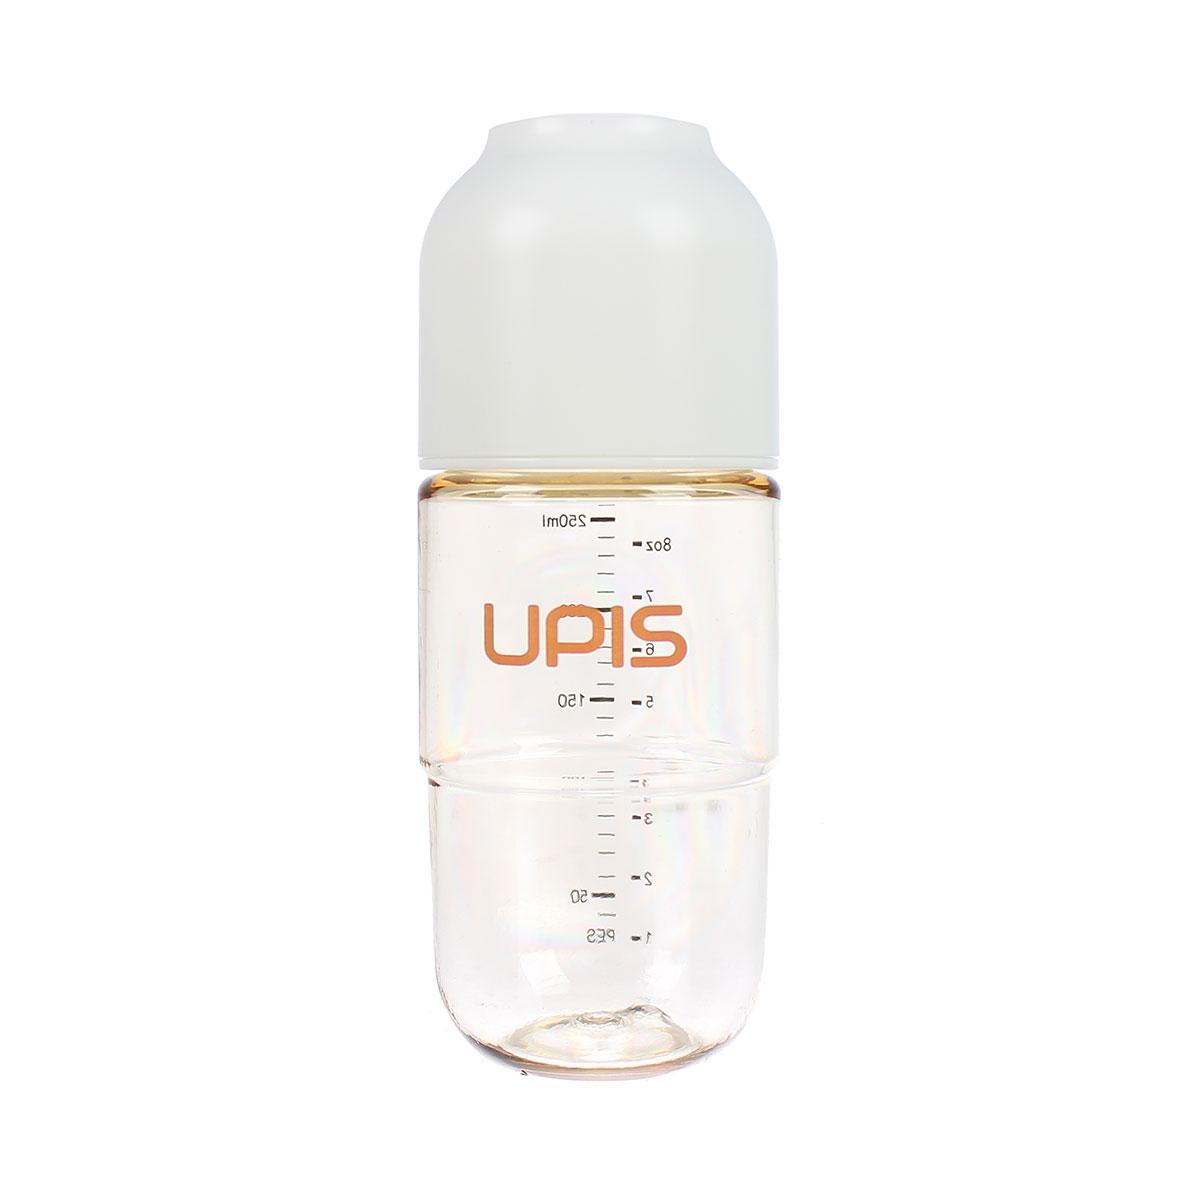 Bình sữa Upis Premium Pes 260ml (Trắng) cho bé từ 3 tháng tuổi trở lên